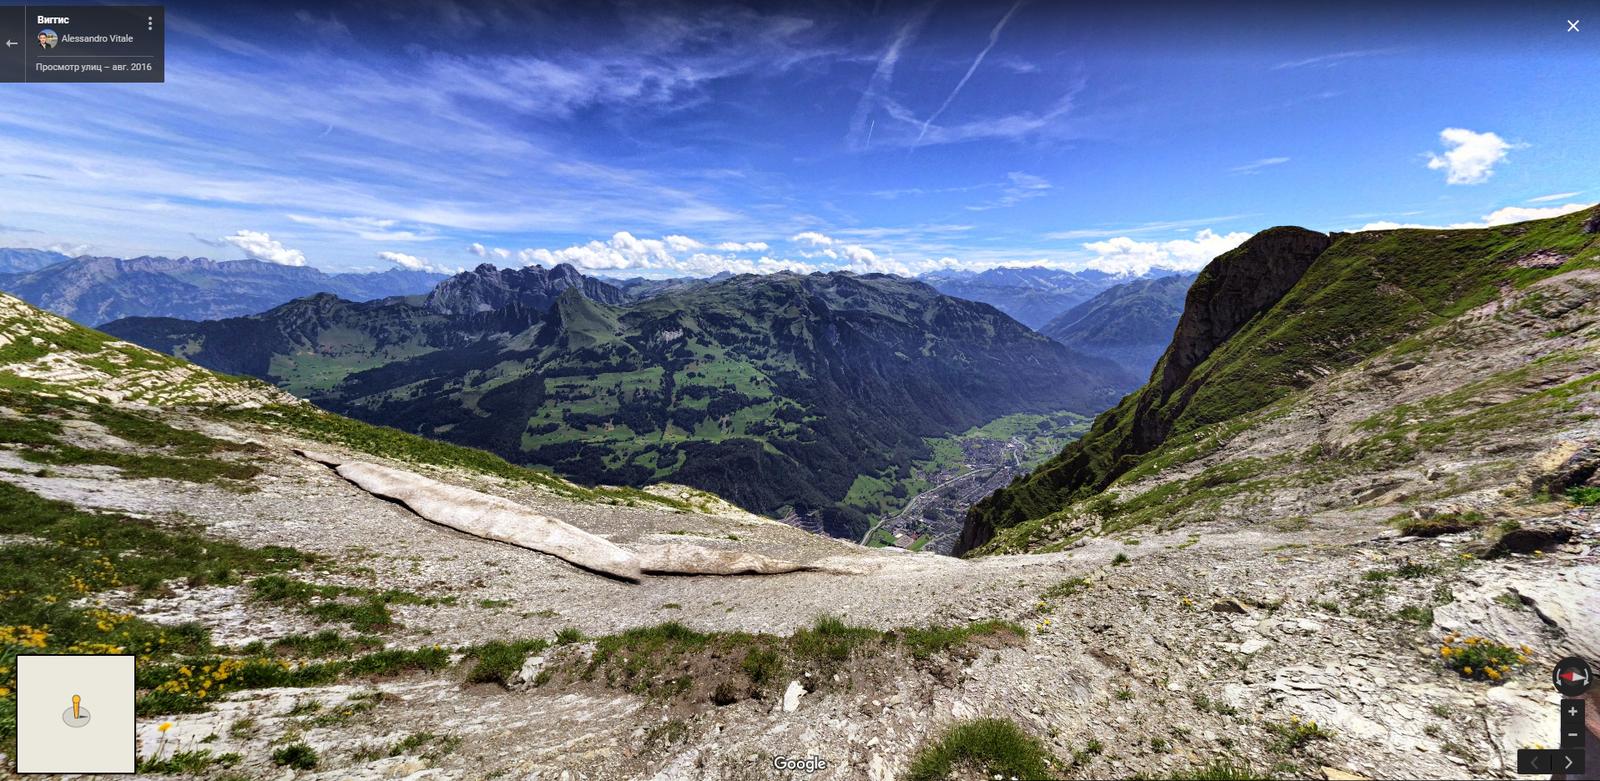 Обои швейцария, swiss alps, zermatt, долина, дома, альпы. Пейзажи foto 2